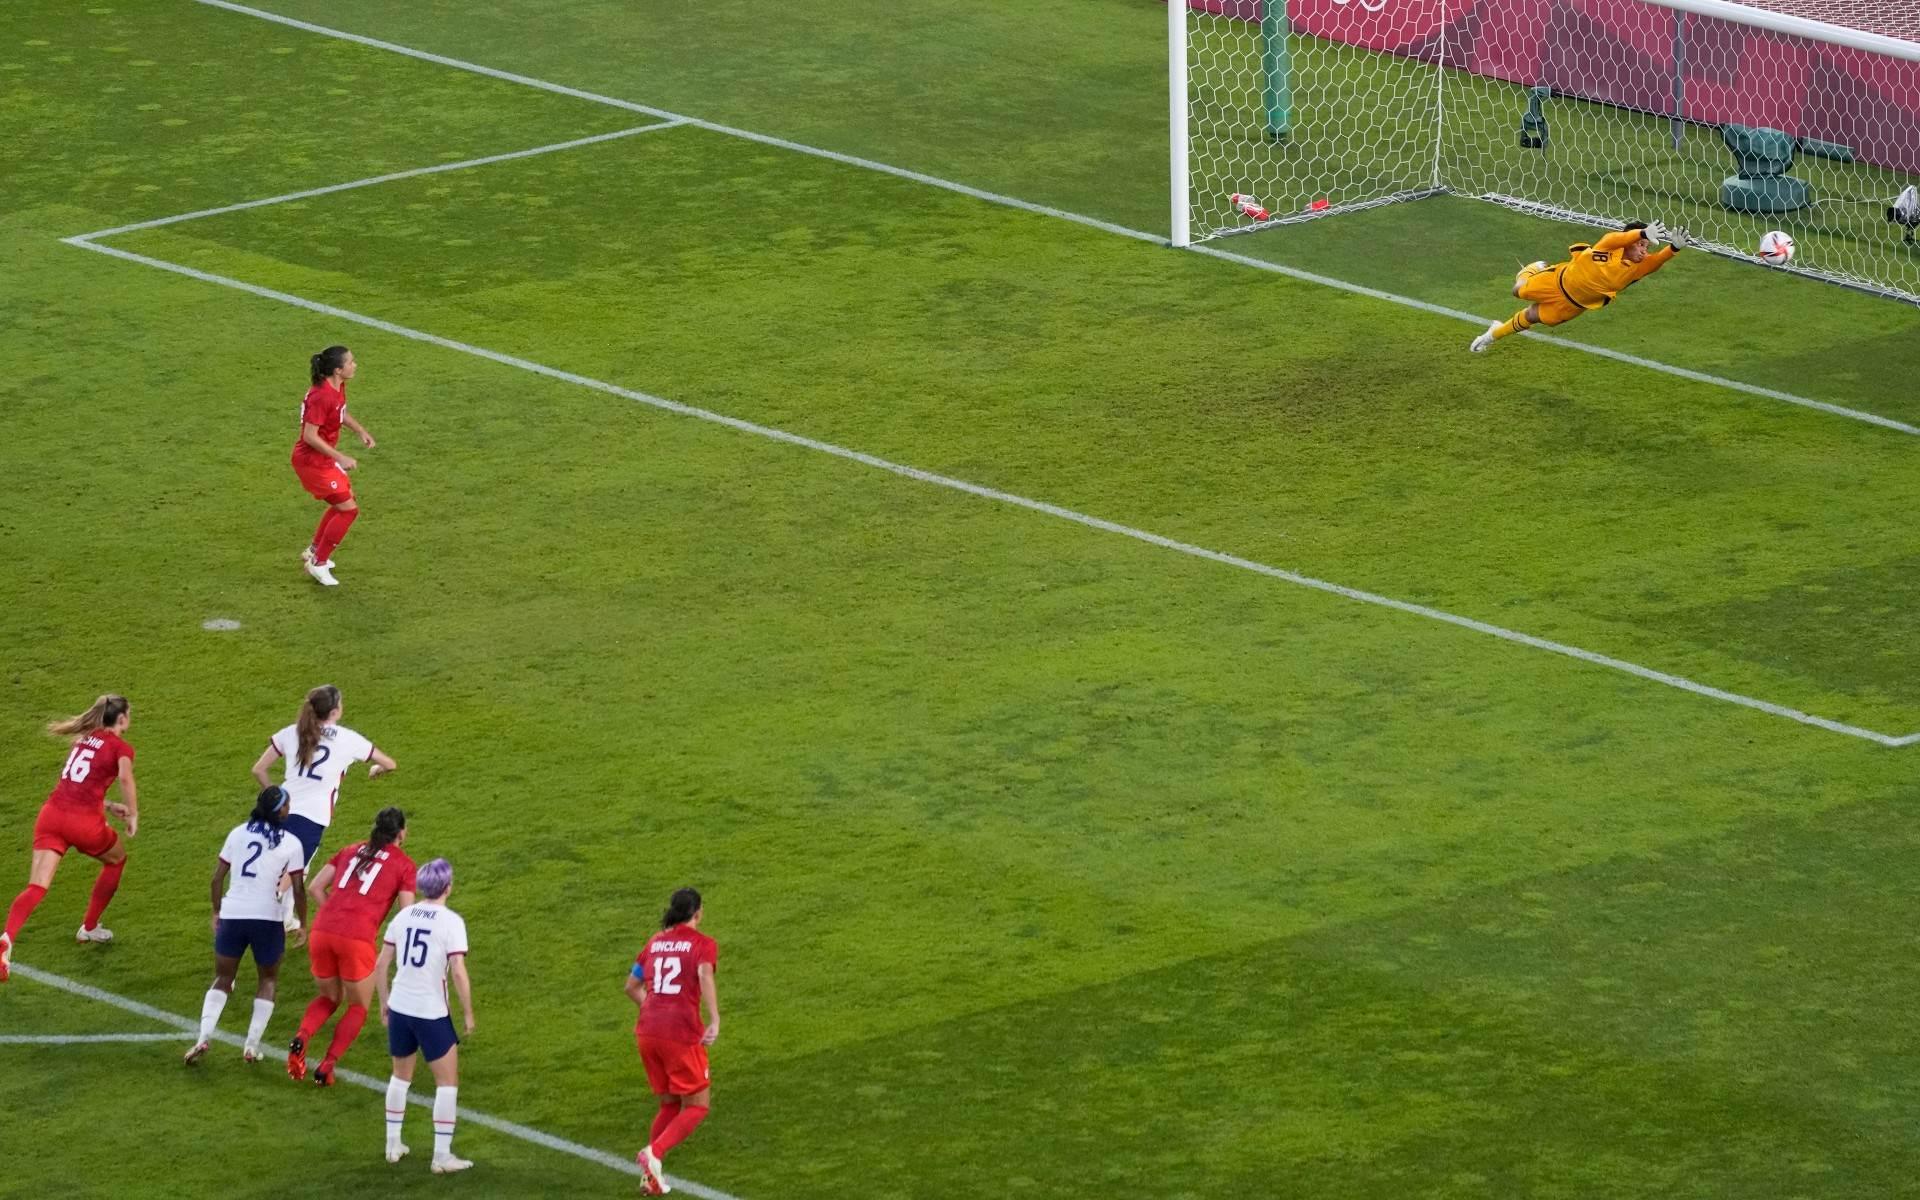 Com jogo pragmático e gol de pênalti, Canadá está na final do futebol feminino